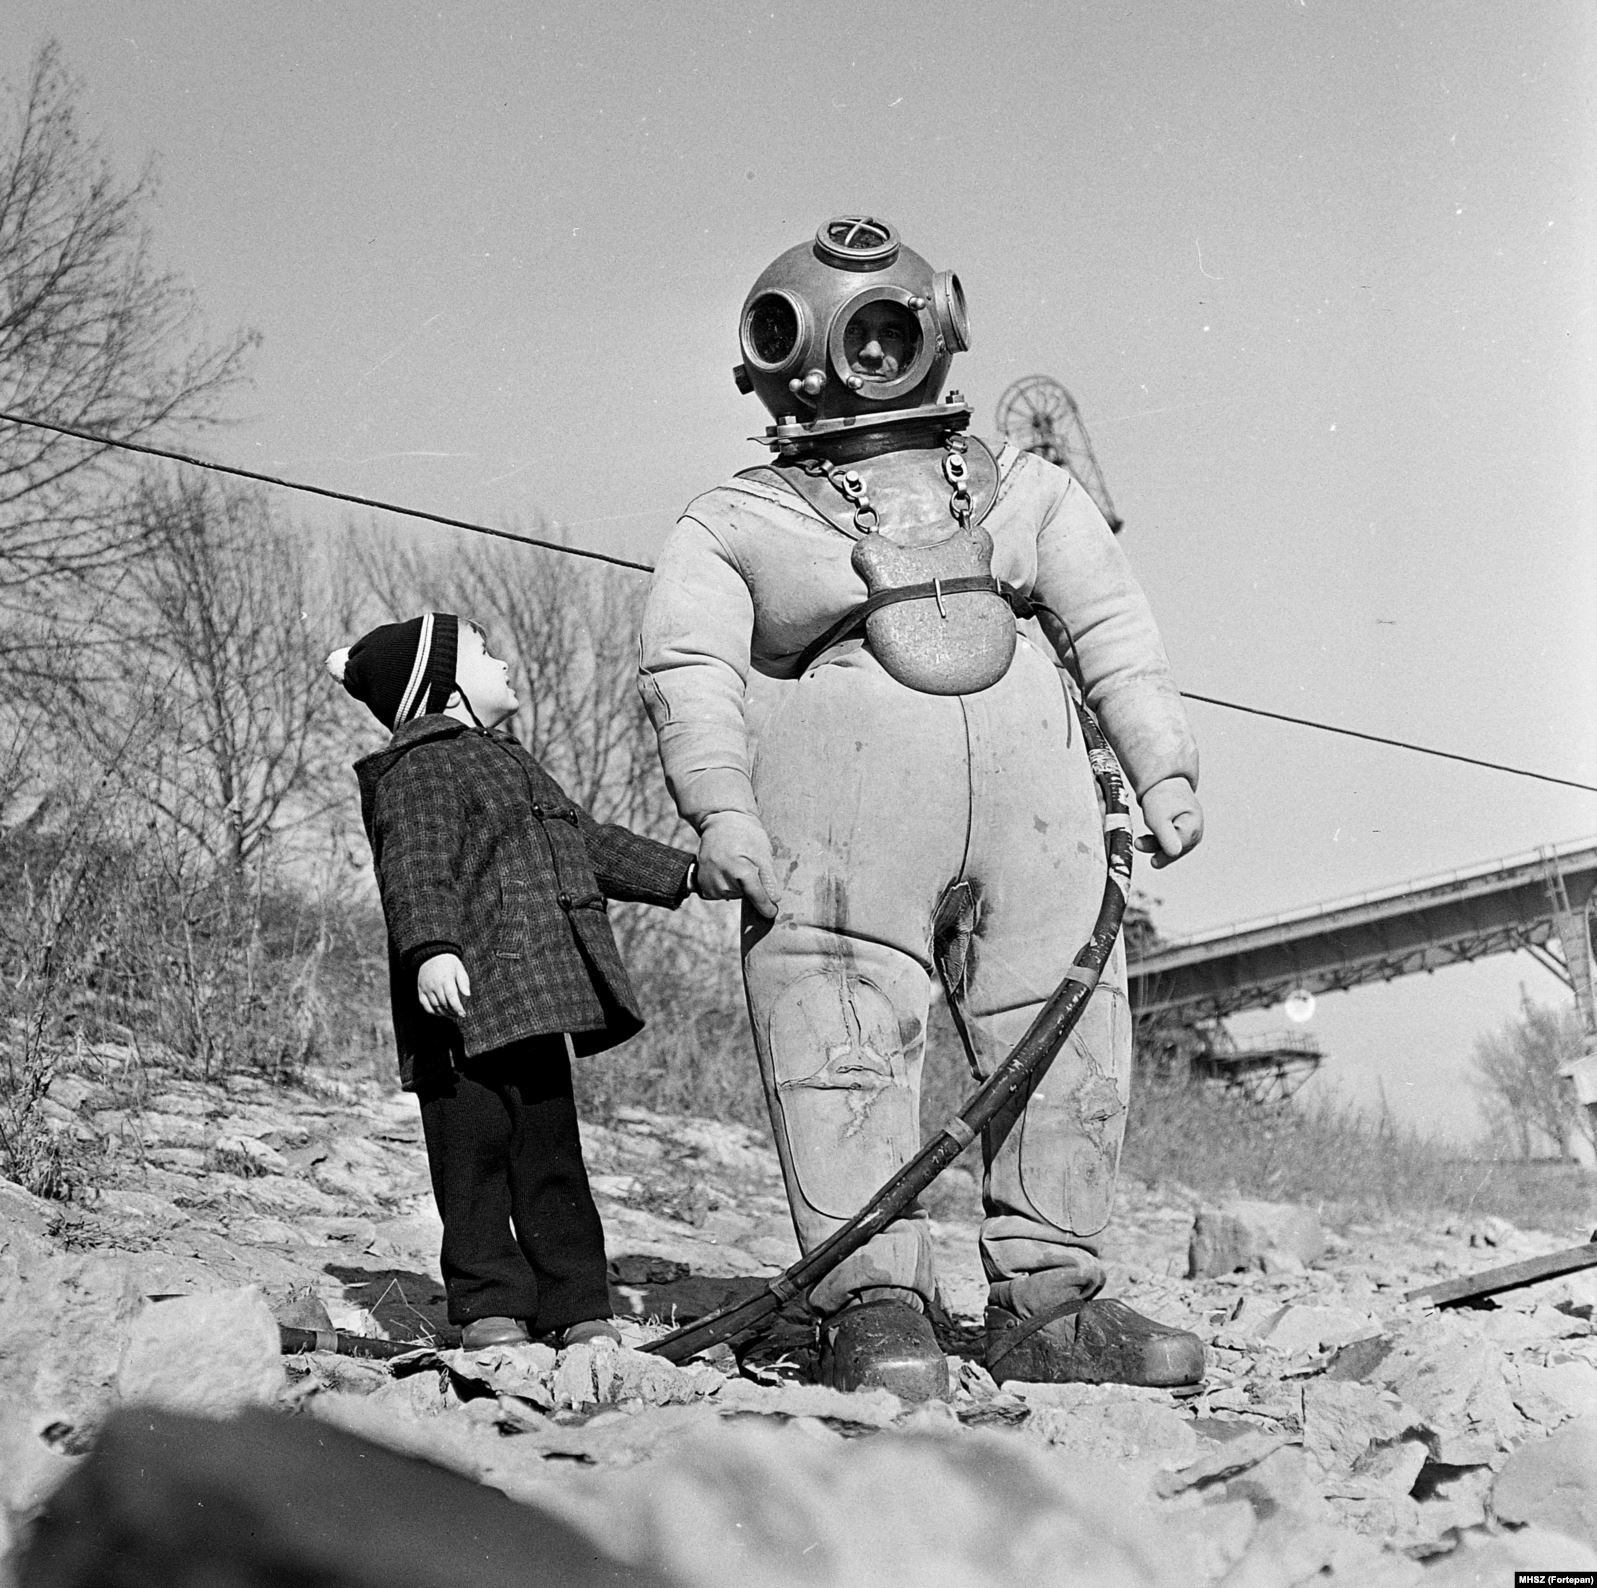 Водолаз в перерыве между погружениями в Дунай. 1965 год